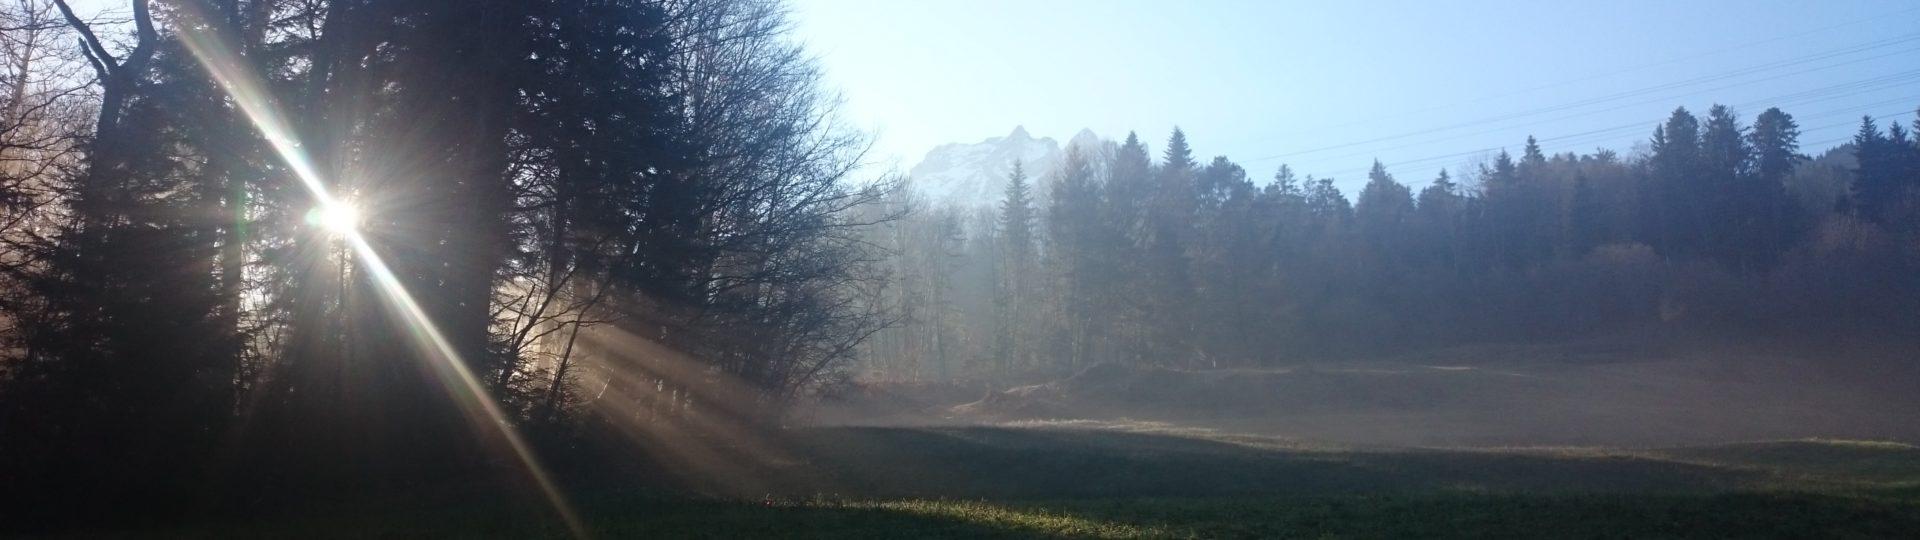 Energie aufladen (Deutsch)   Consulenza visiva